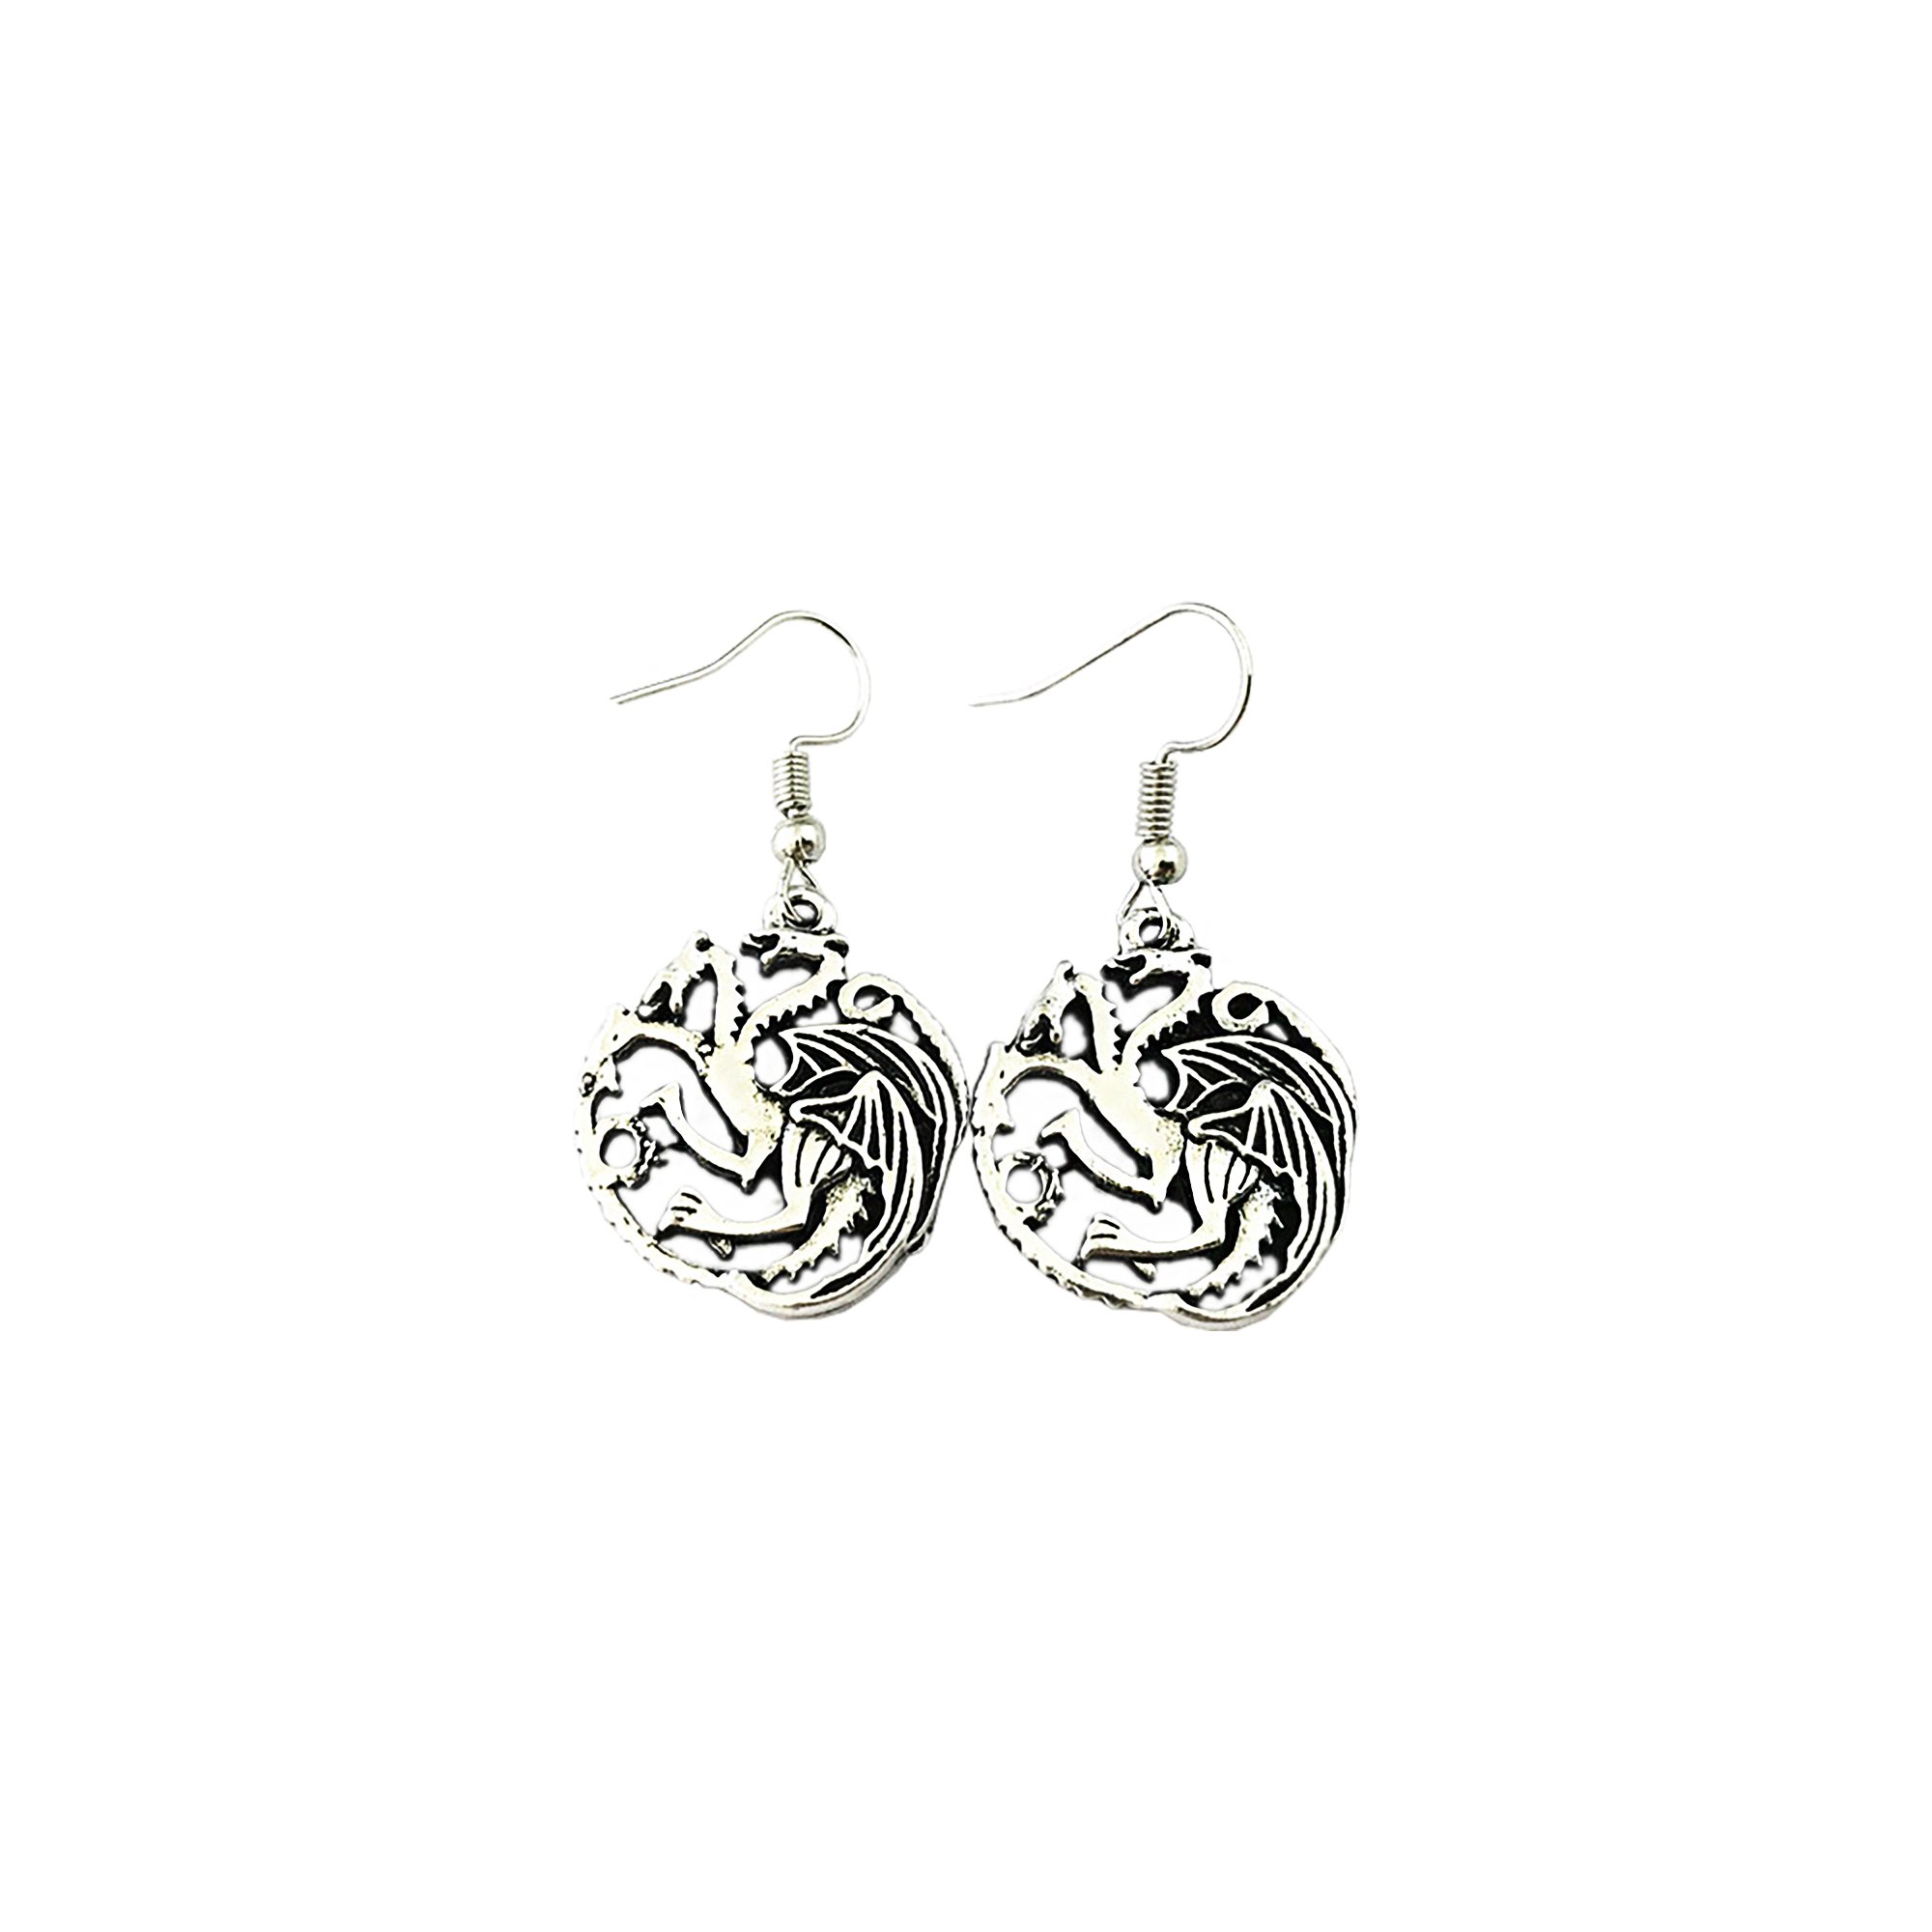 Game of Thrones Targaryen Insignia Earring Dangles In Gift Box from Outlander